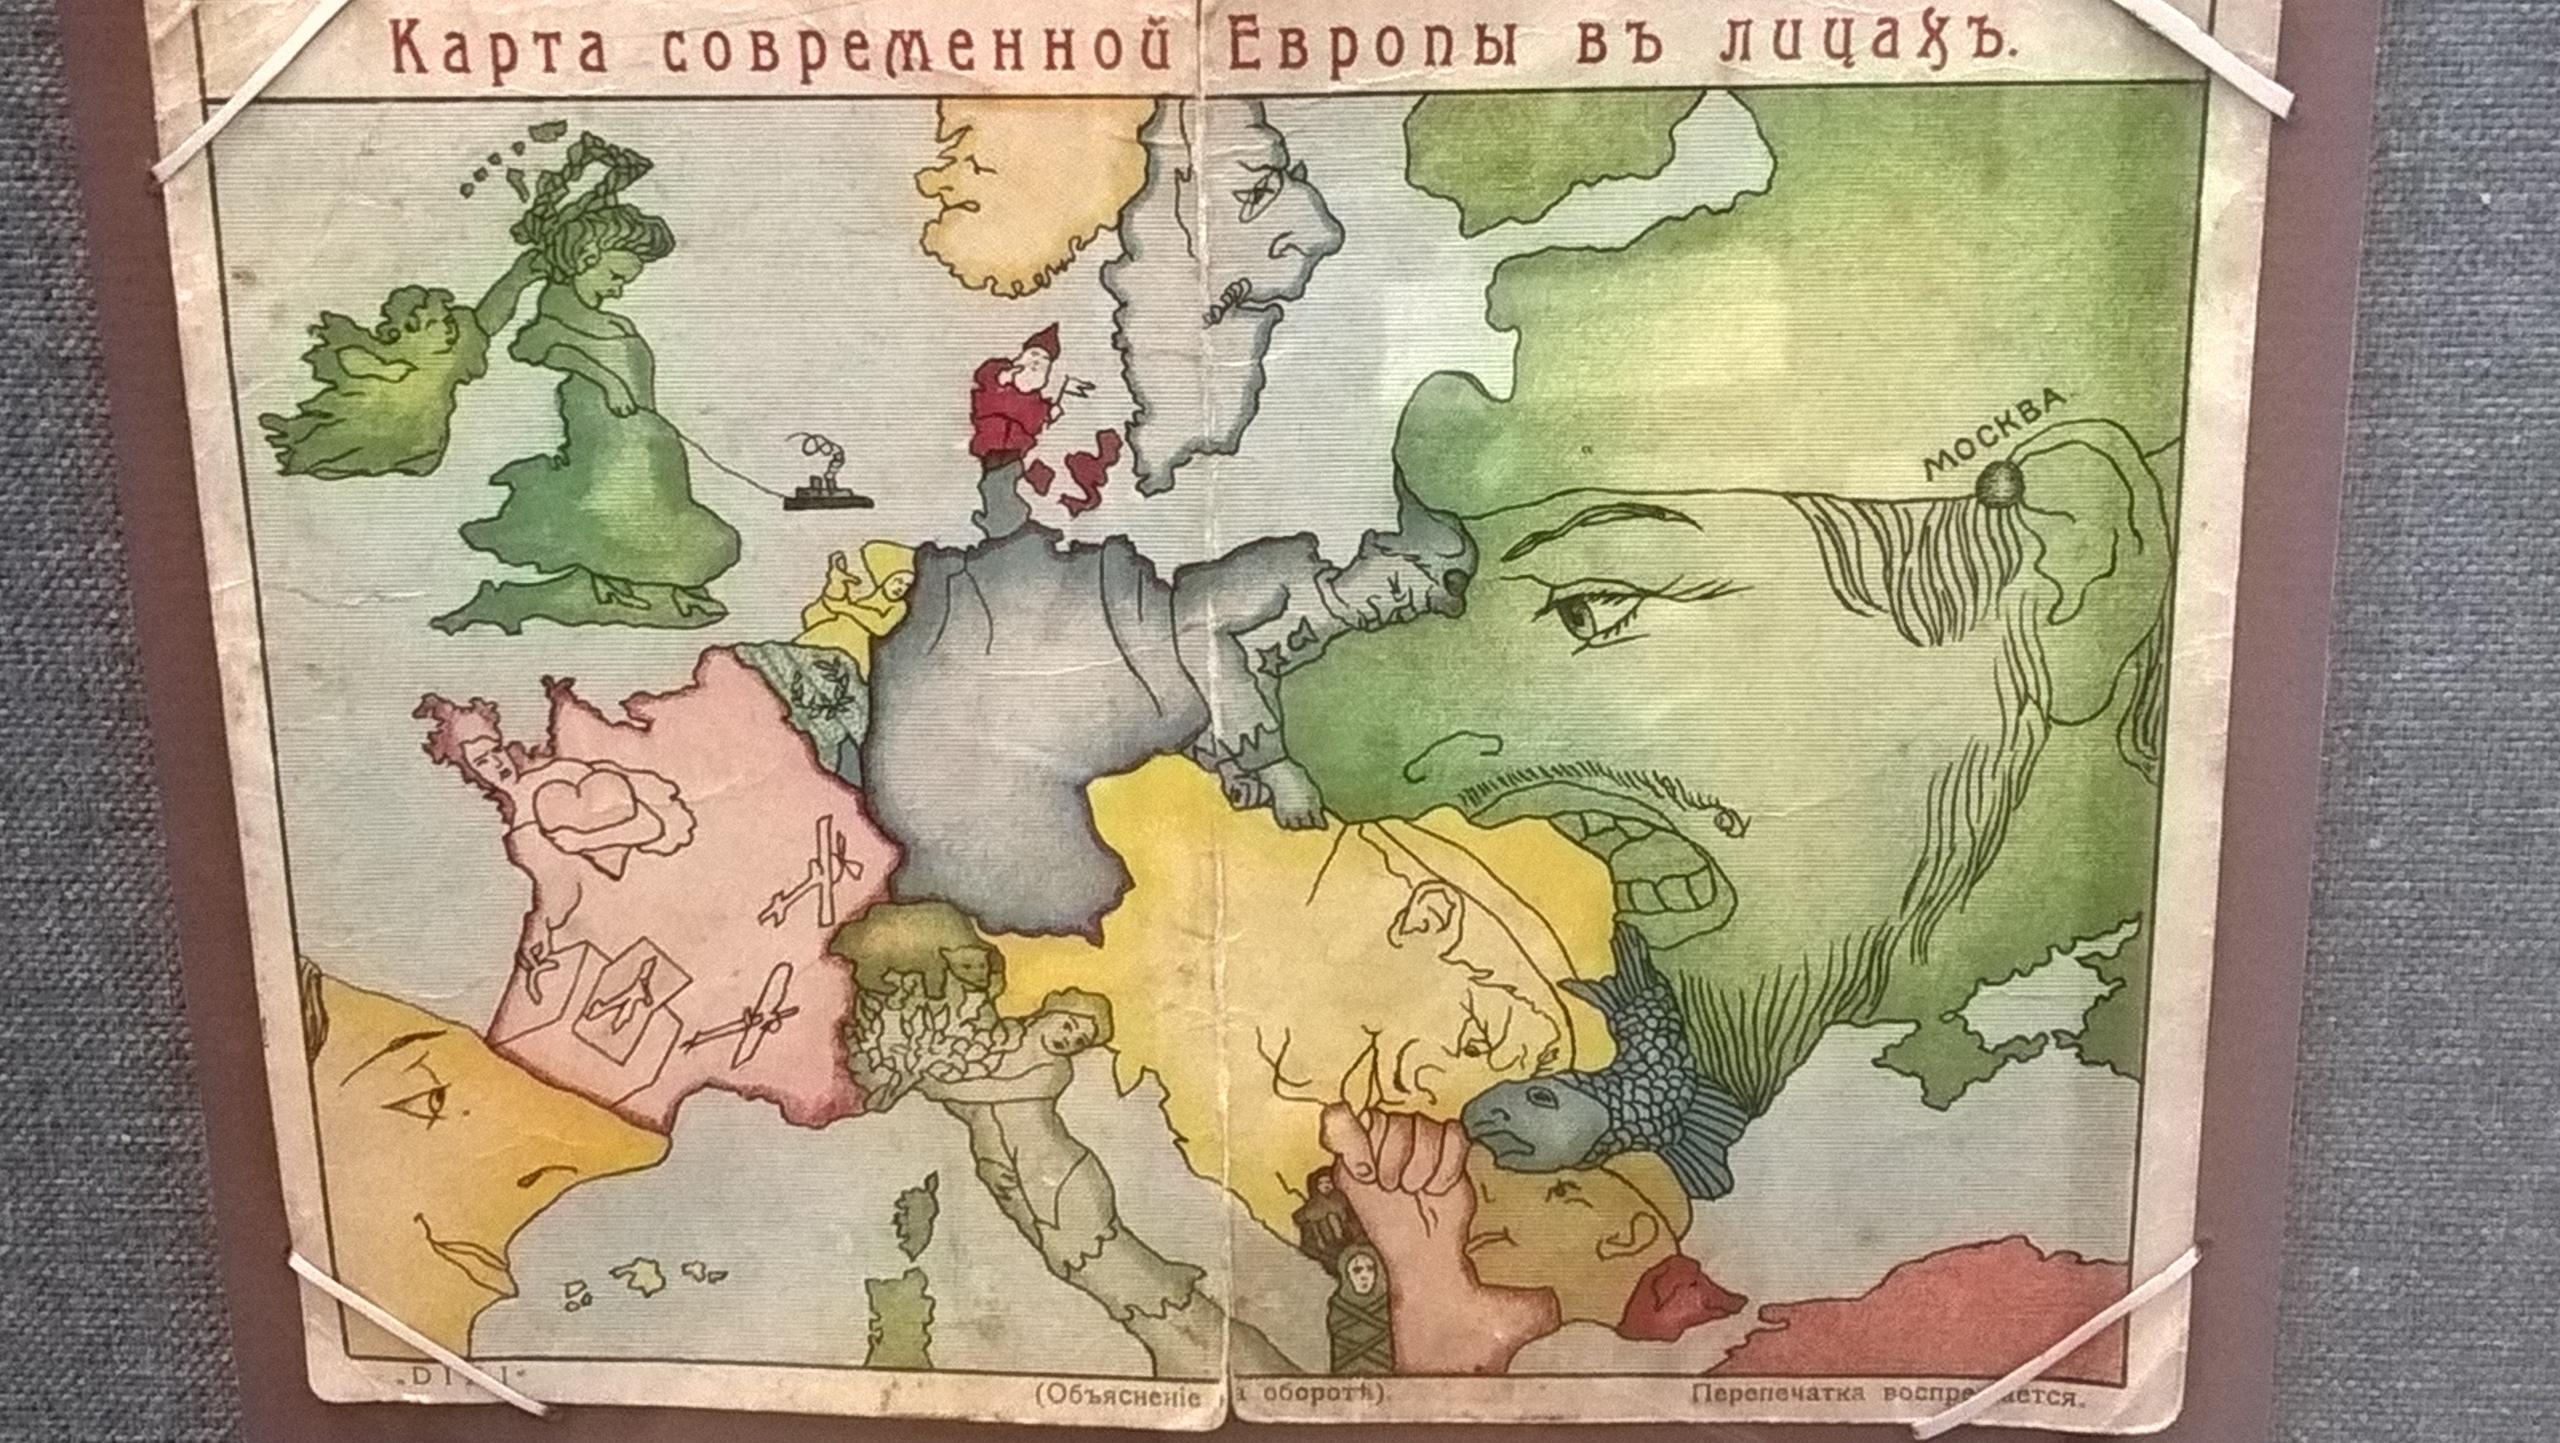 Необычная карта боевых действий